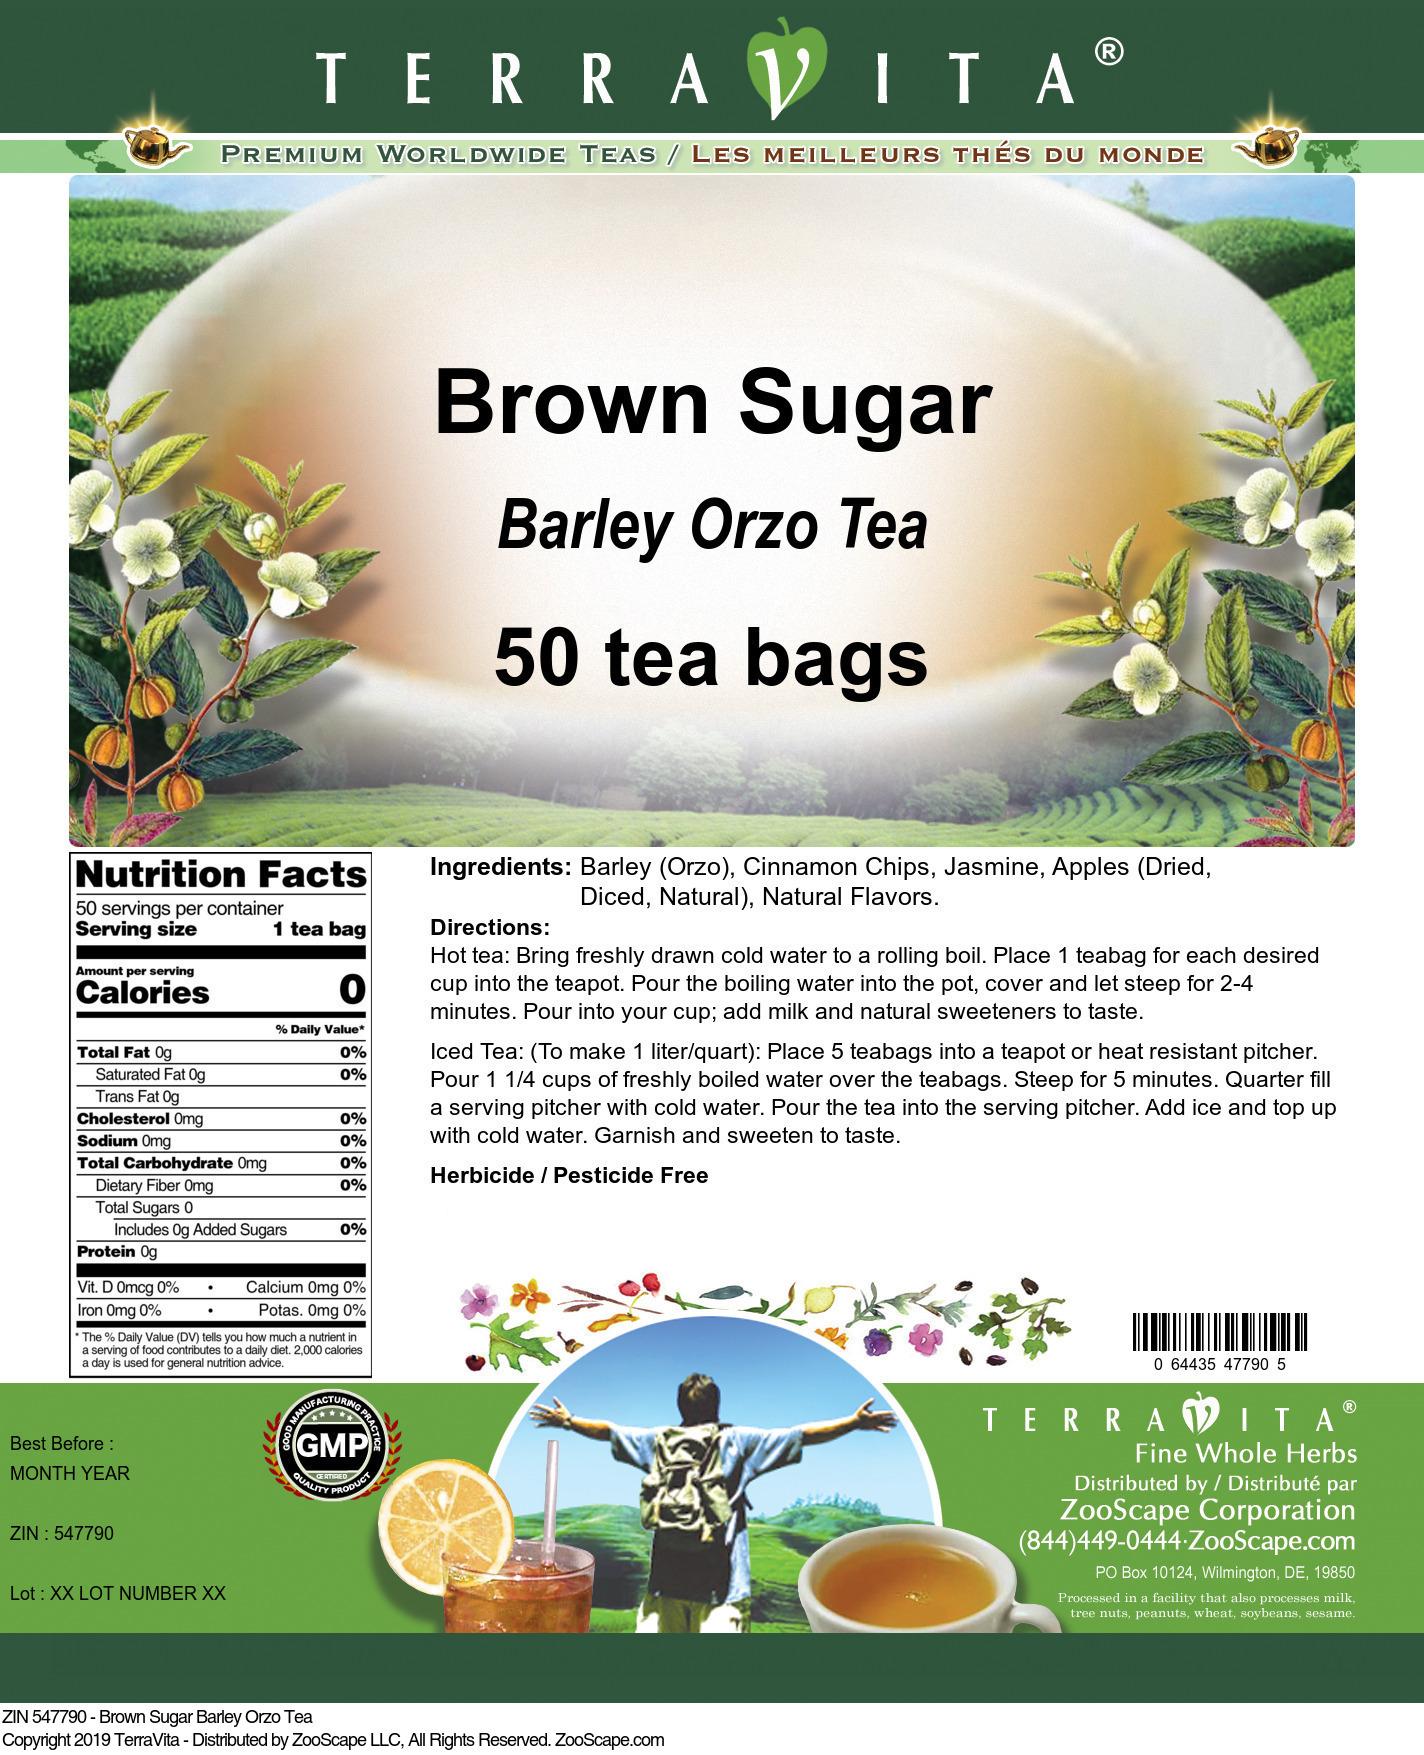 Brown Sugar Barley Orzo